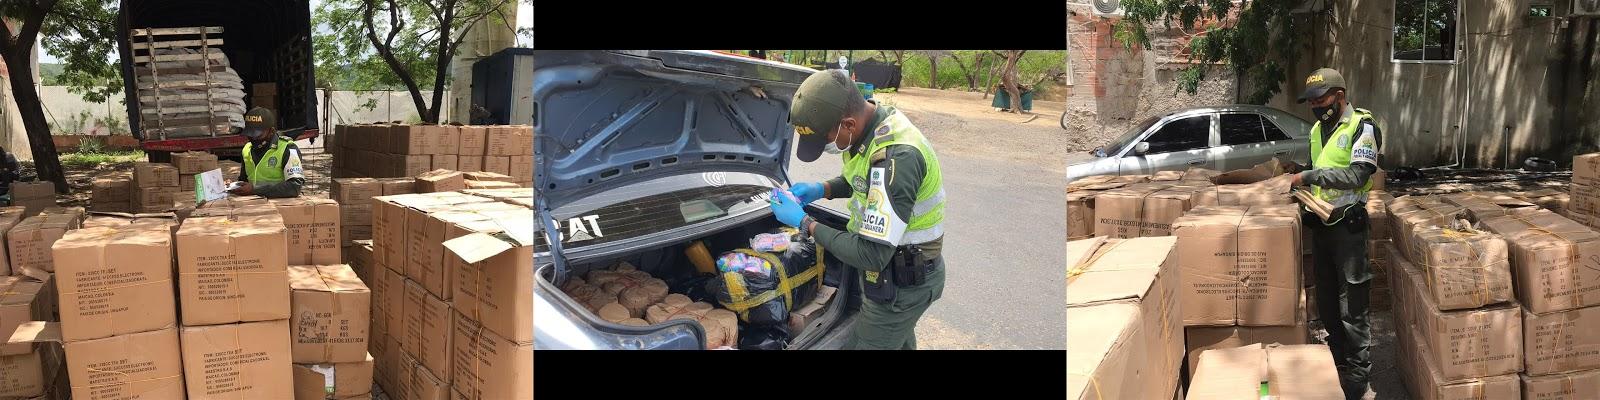 Matutes de elementos de cocina y de confecciones cayeron en La Guajira